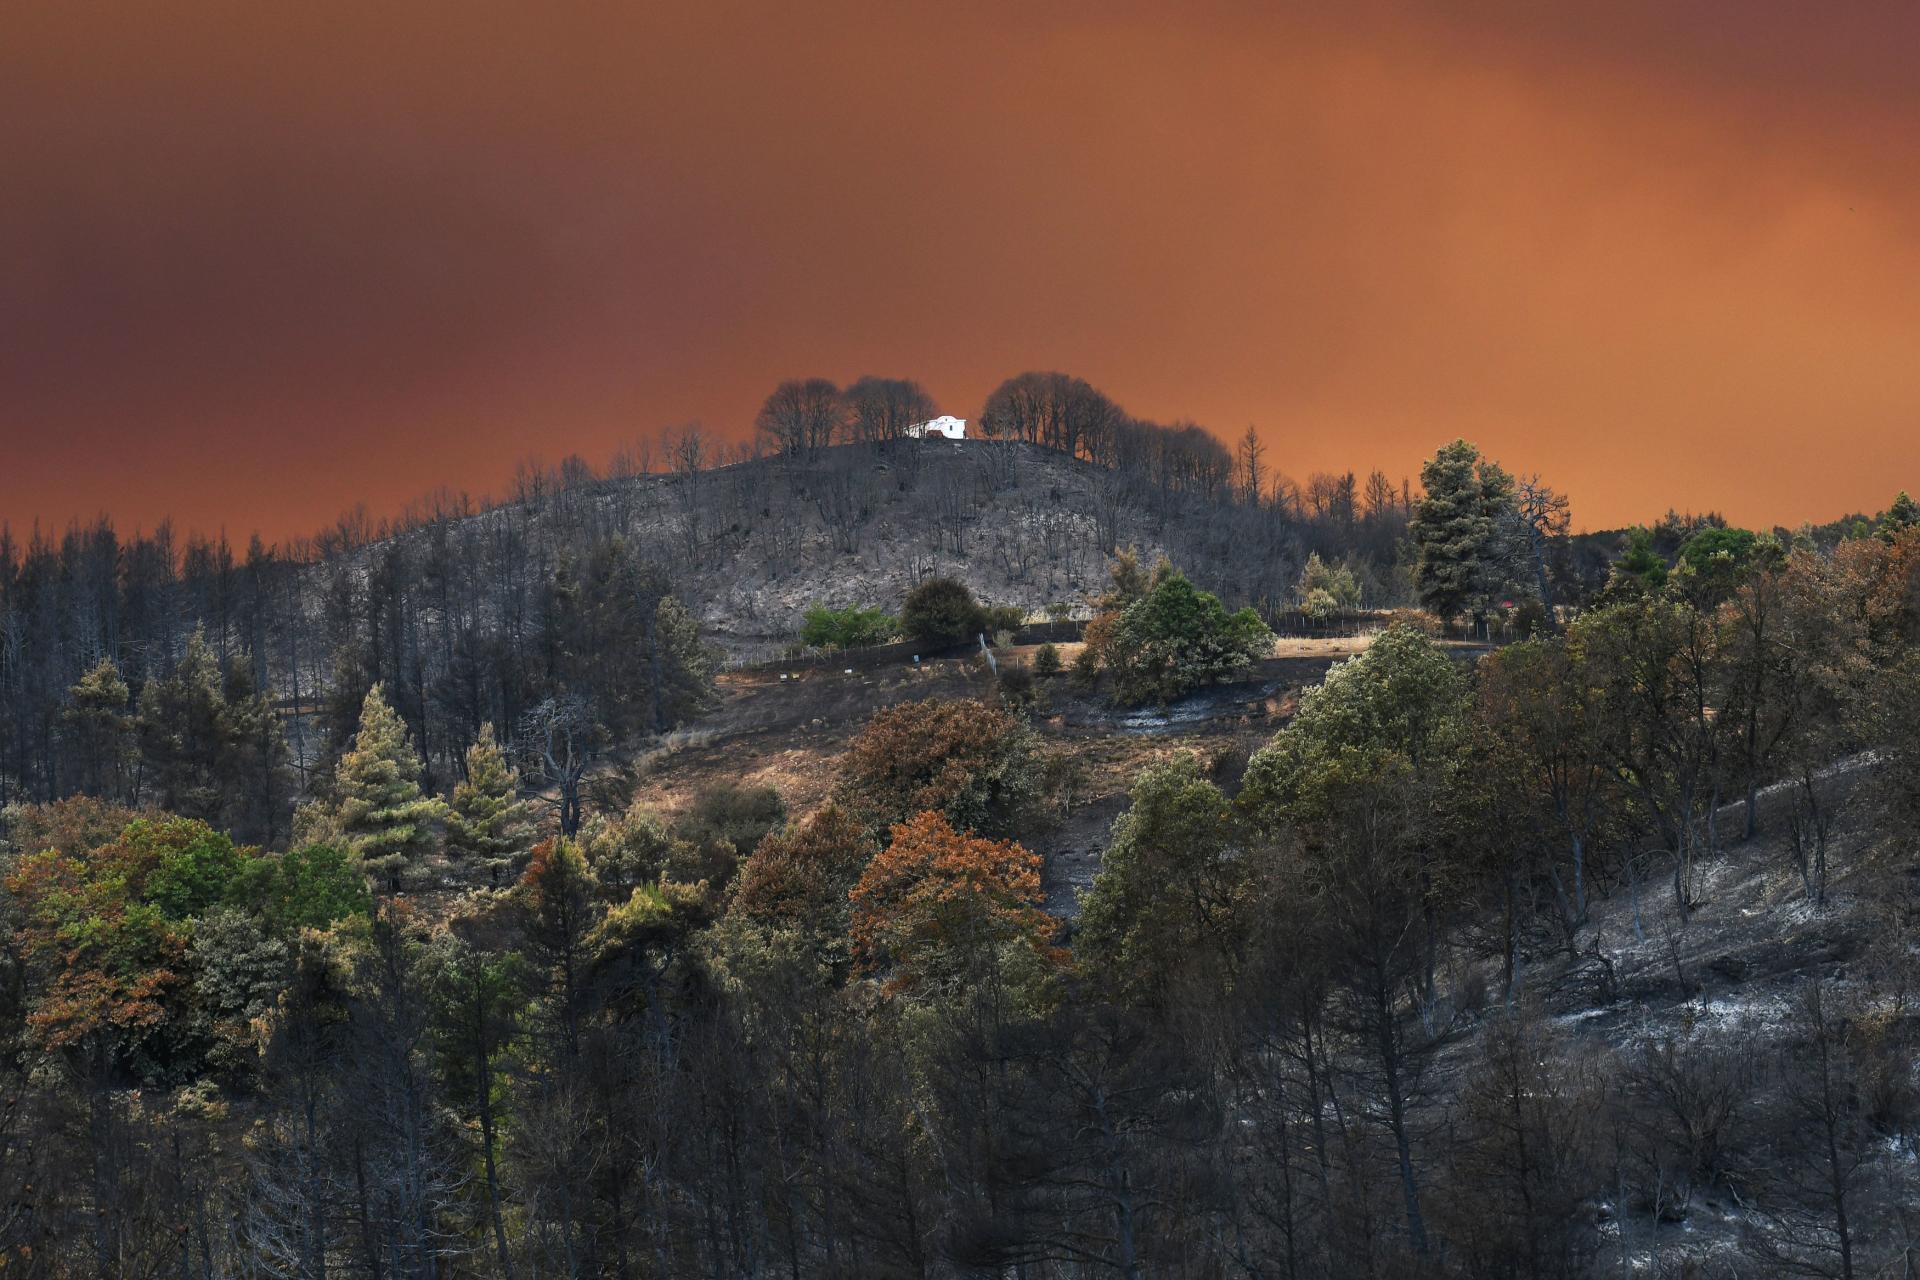 Saat terjadi kebakaran di pulau Evia, Yunani pada 8 Agustus 2021.